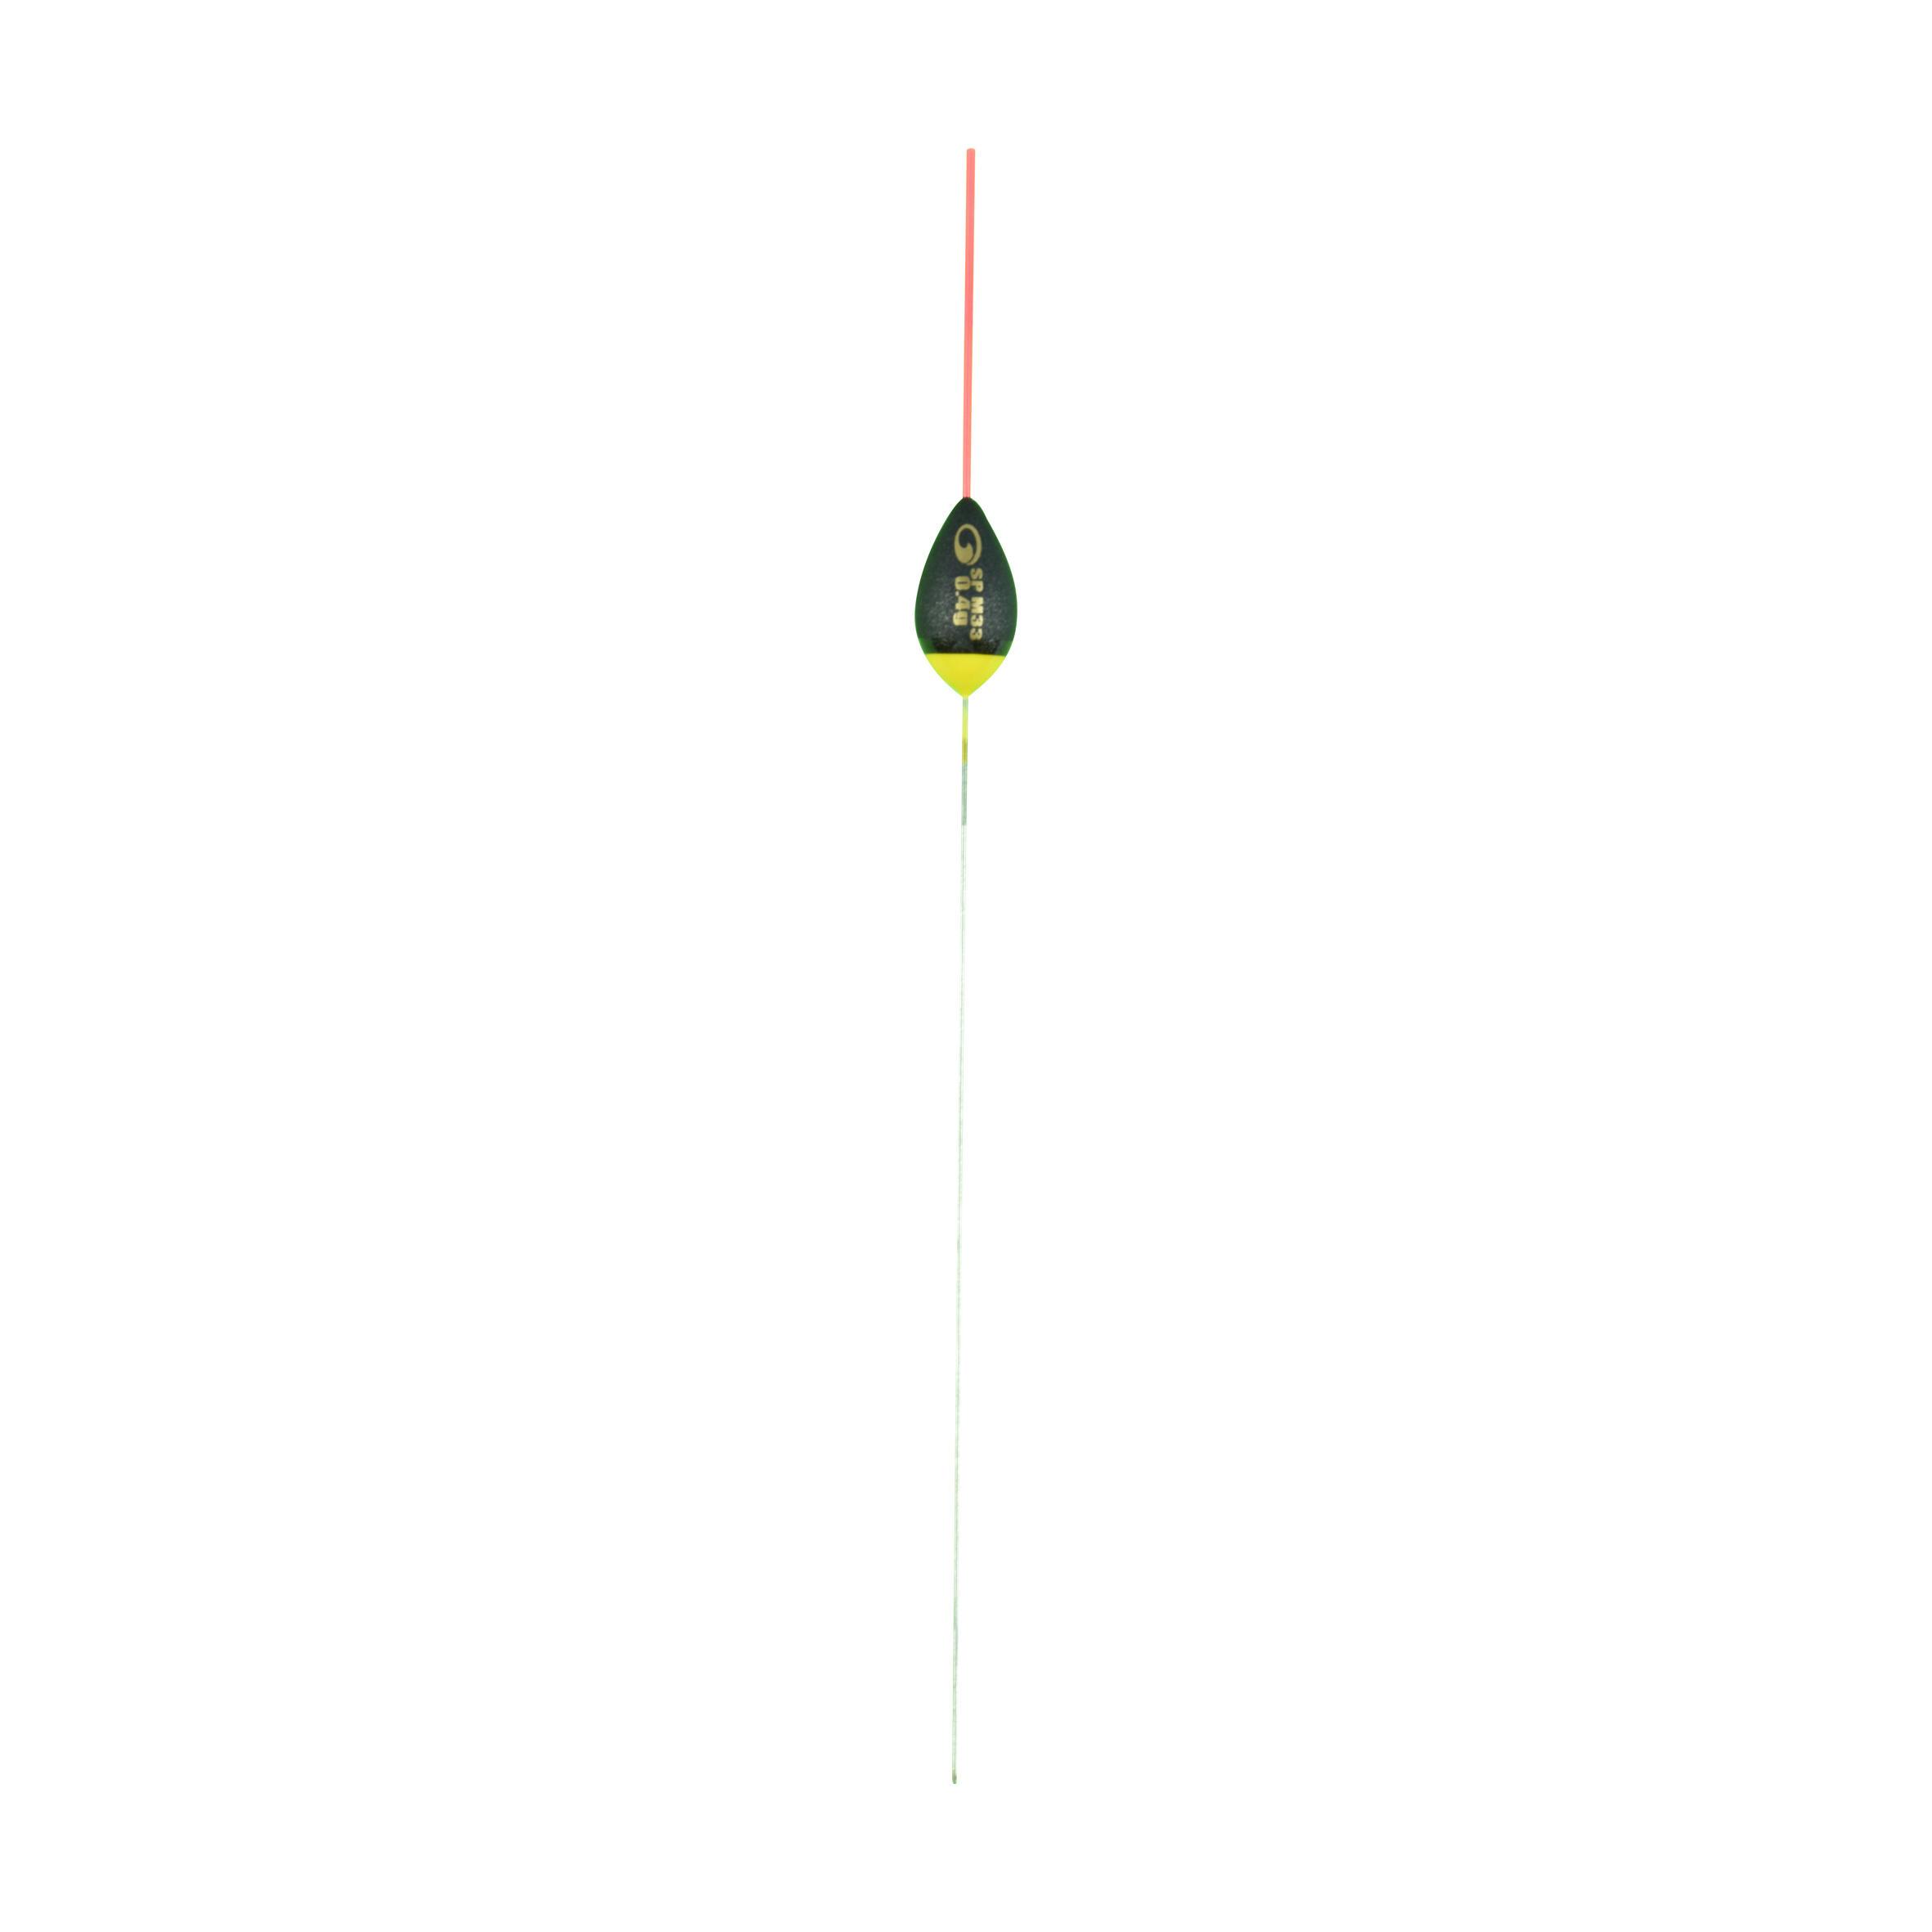 Plută COMP SP M33 0,4g x 2 Garbolino Promoție